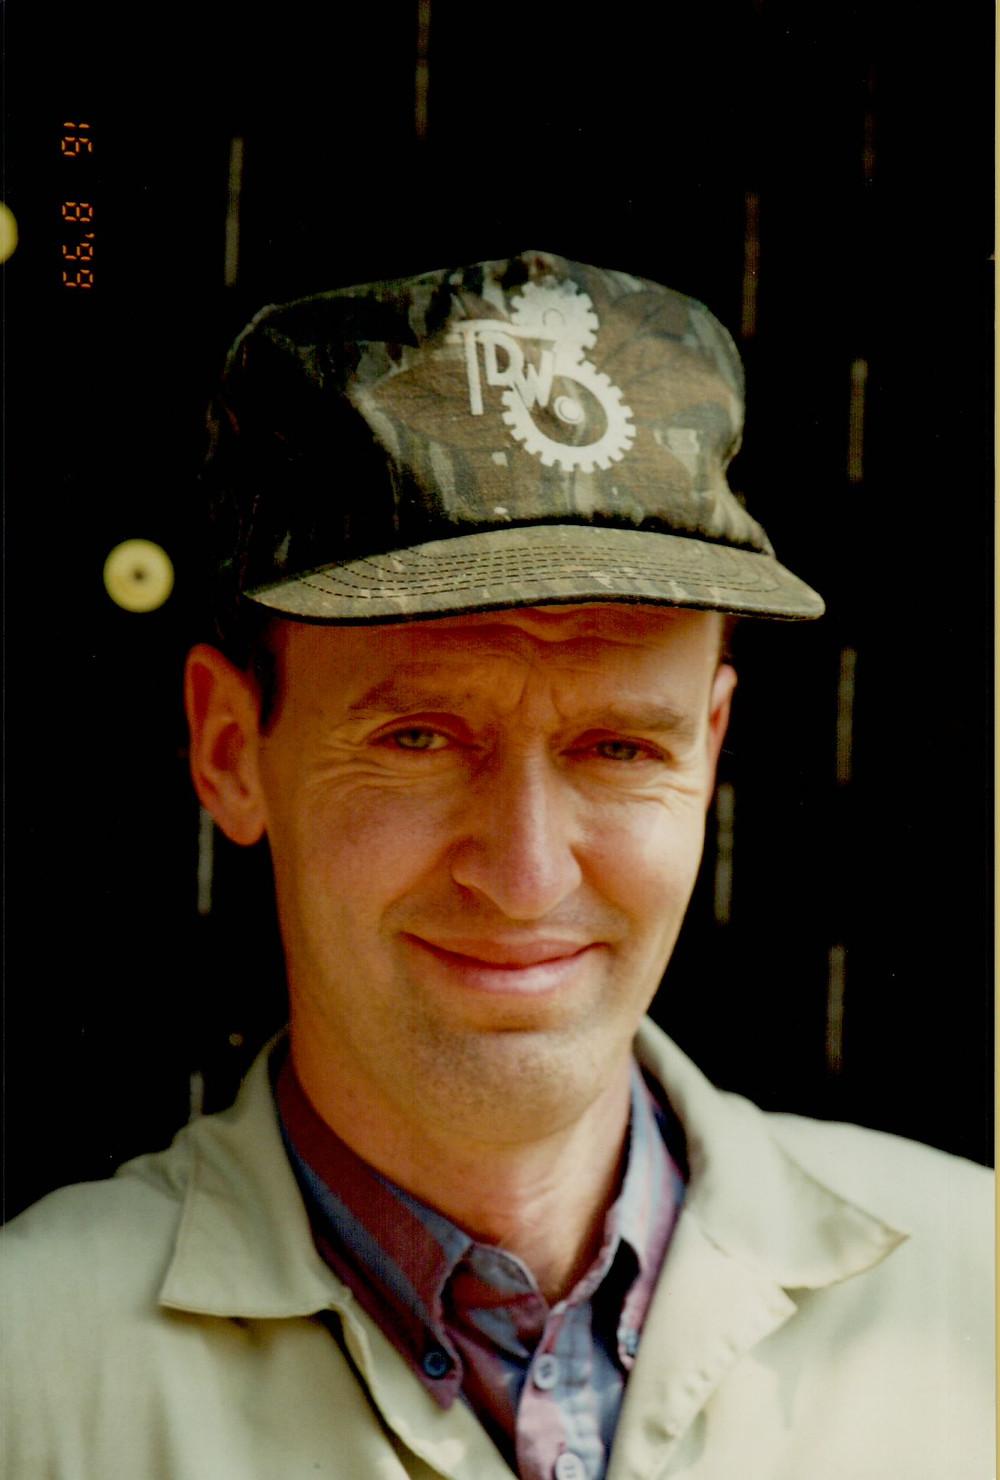 Roger Corn, Circa 1999